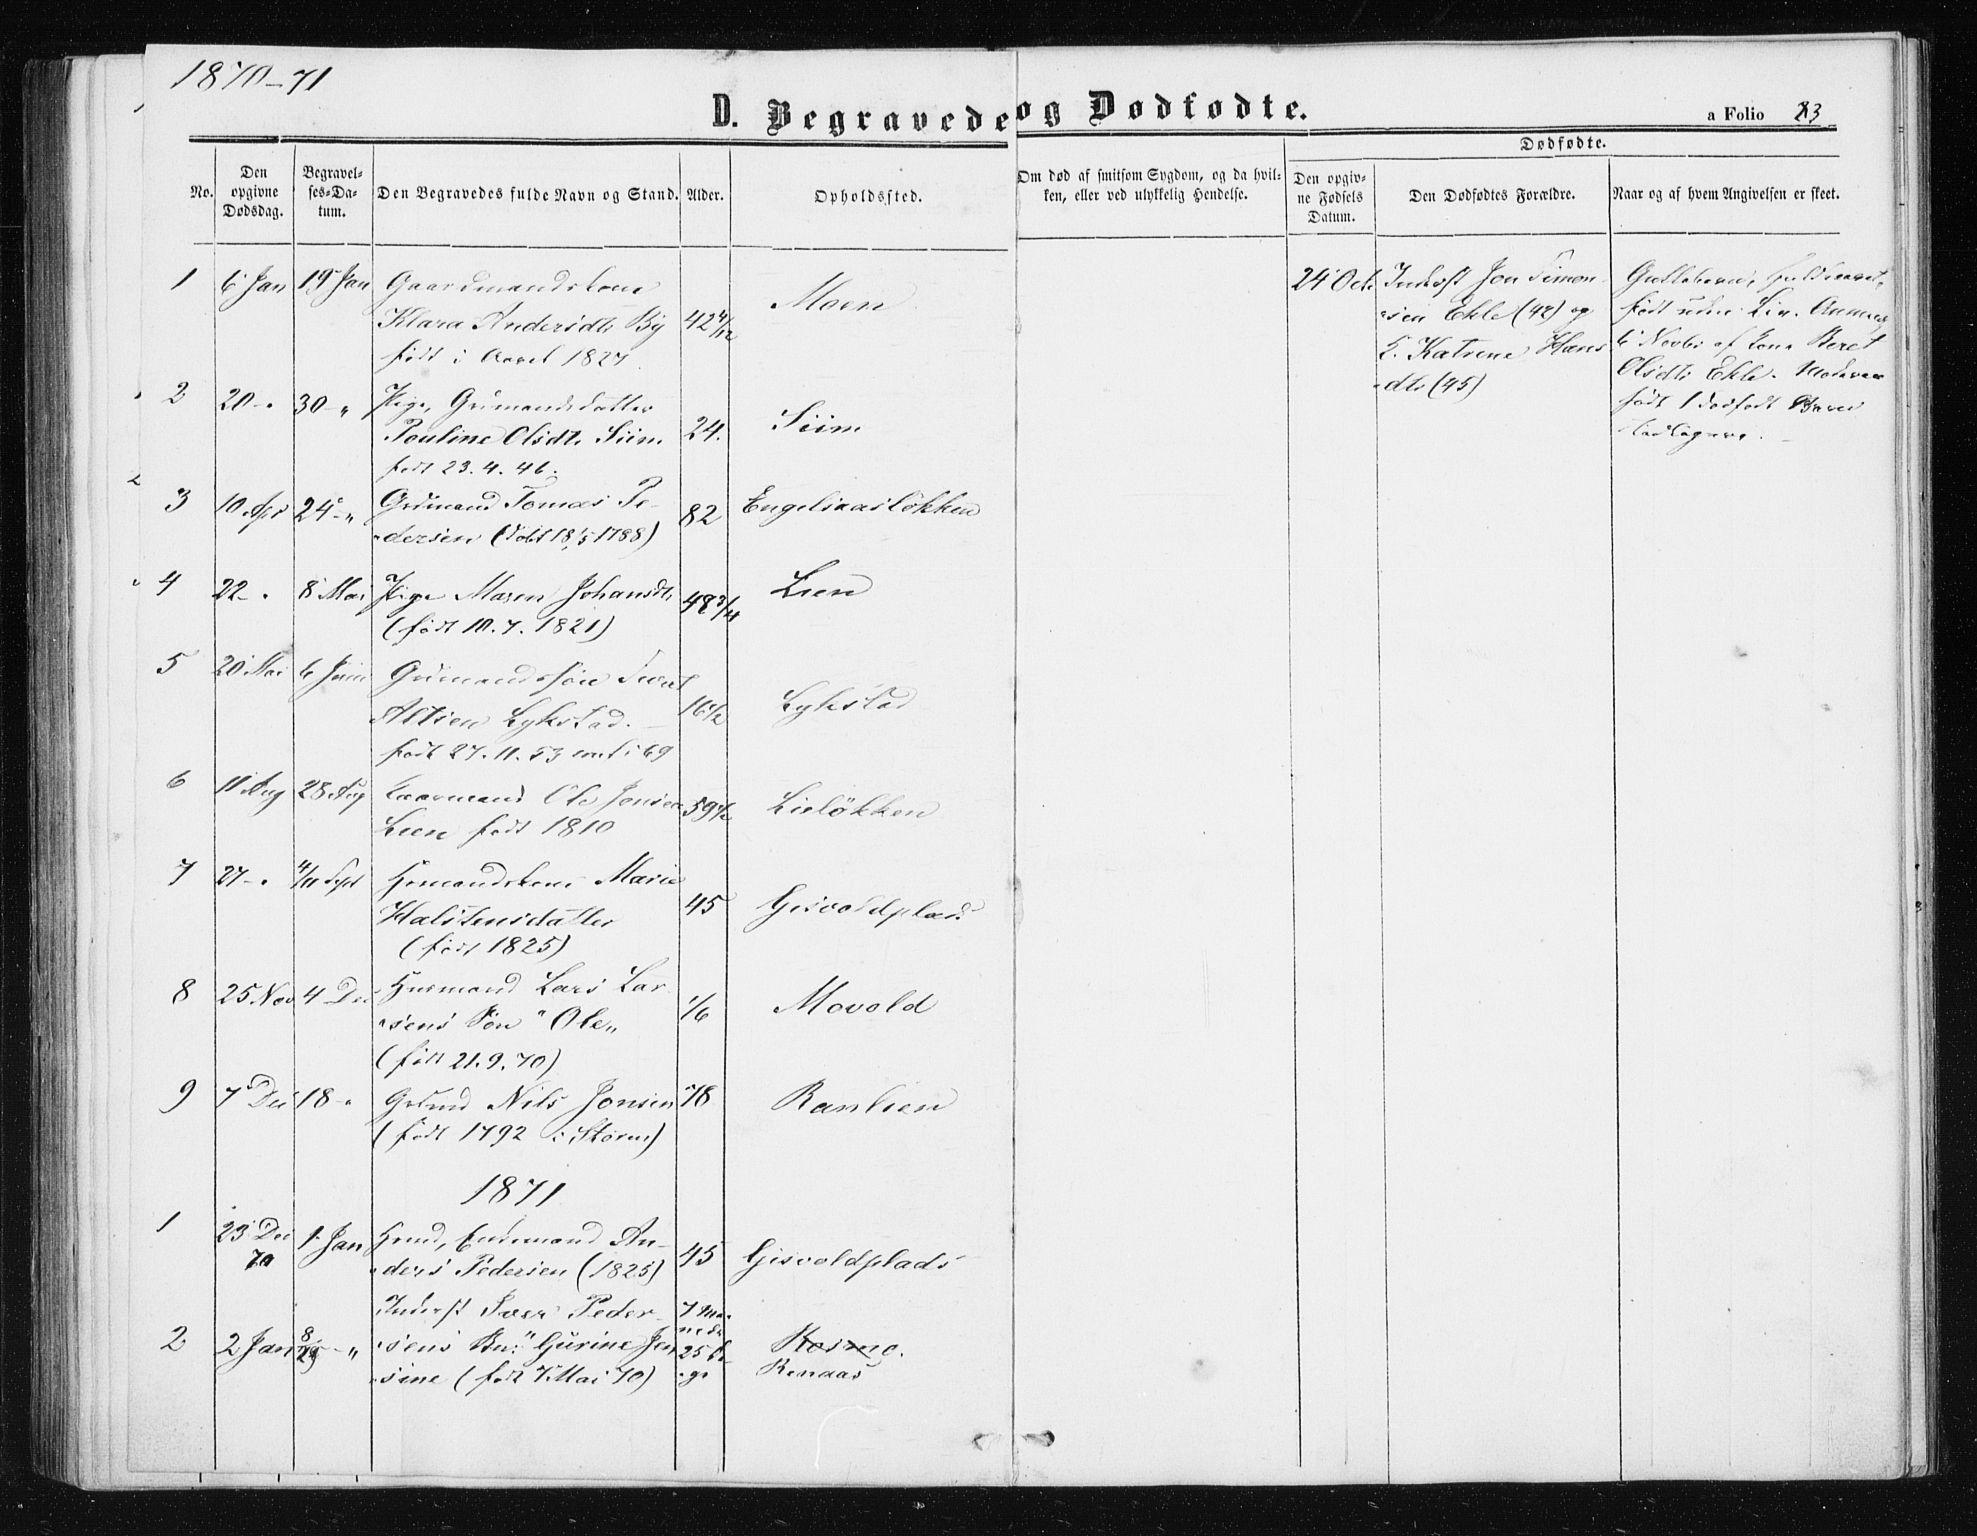 SAT, Ministerialprotokoller, klokkerbøker og fødselsregistre - Sør-Trøndelag, 608/L0333: Ministerialbok nr. 608A02, 1862-1876, s. 83